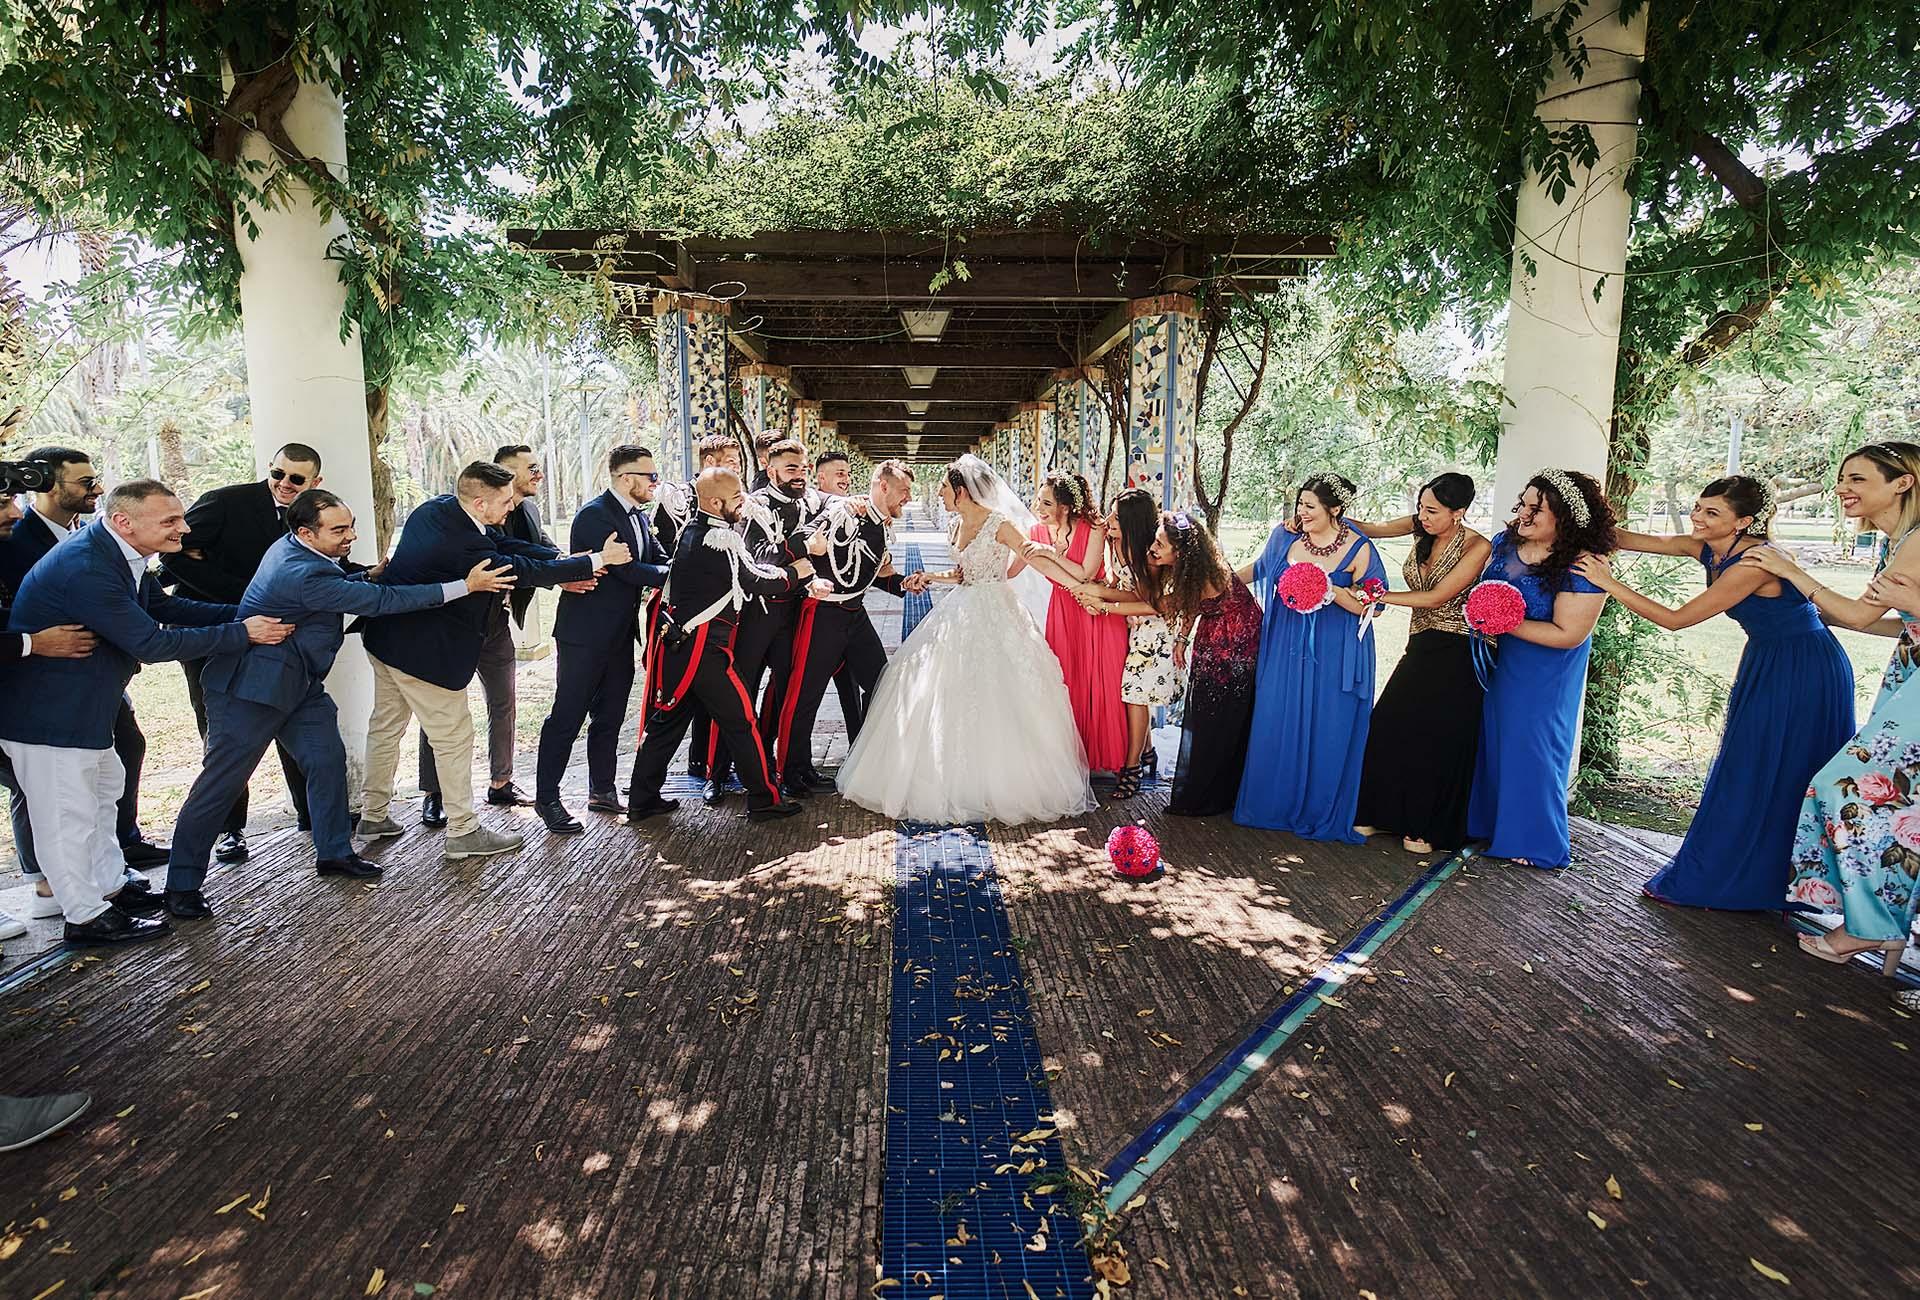 Damigelle di nozze Damigelle di nozze: chi sono e quale ruolo hanno nel matrimonio